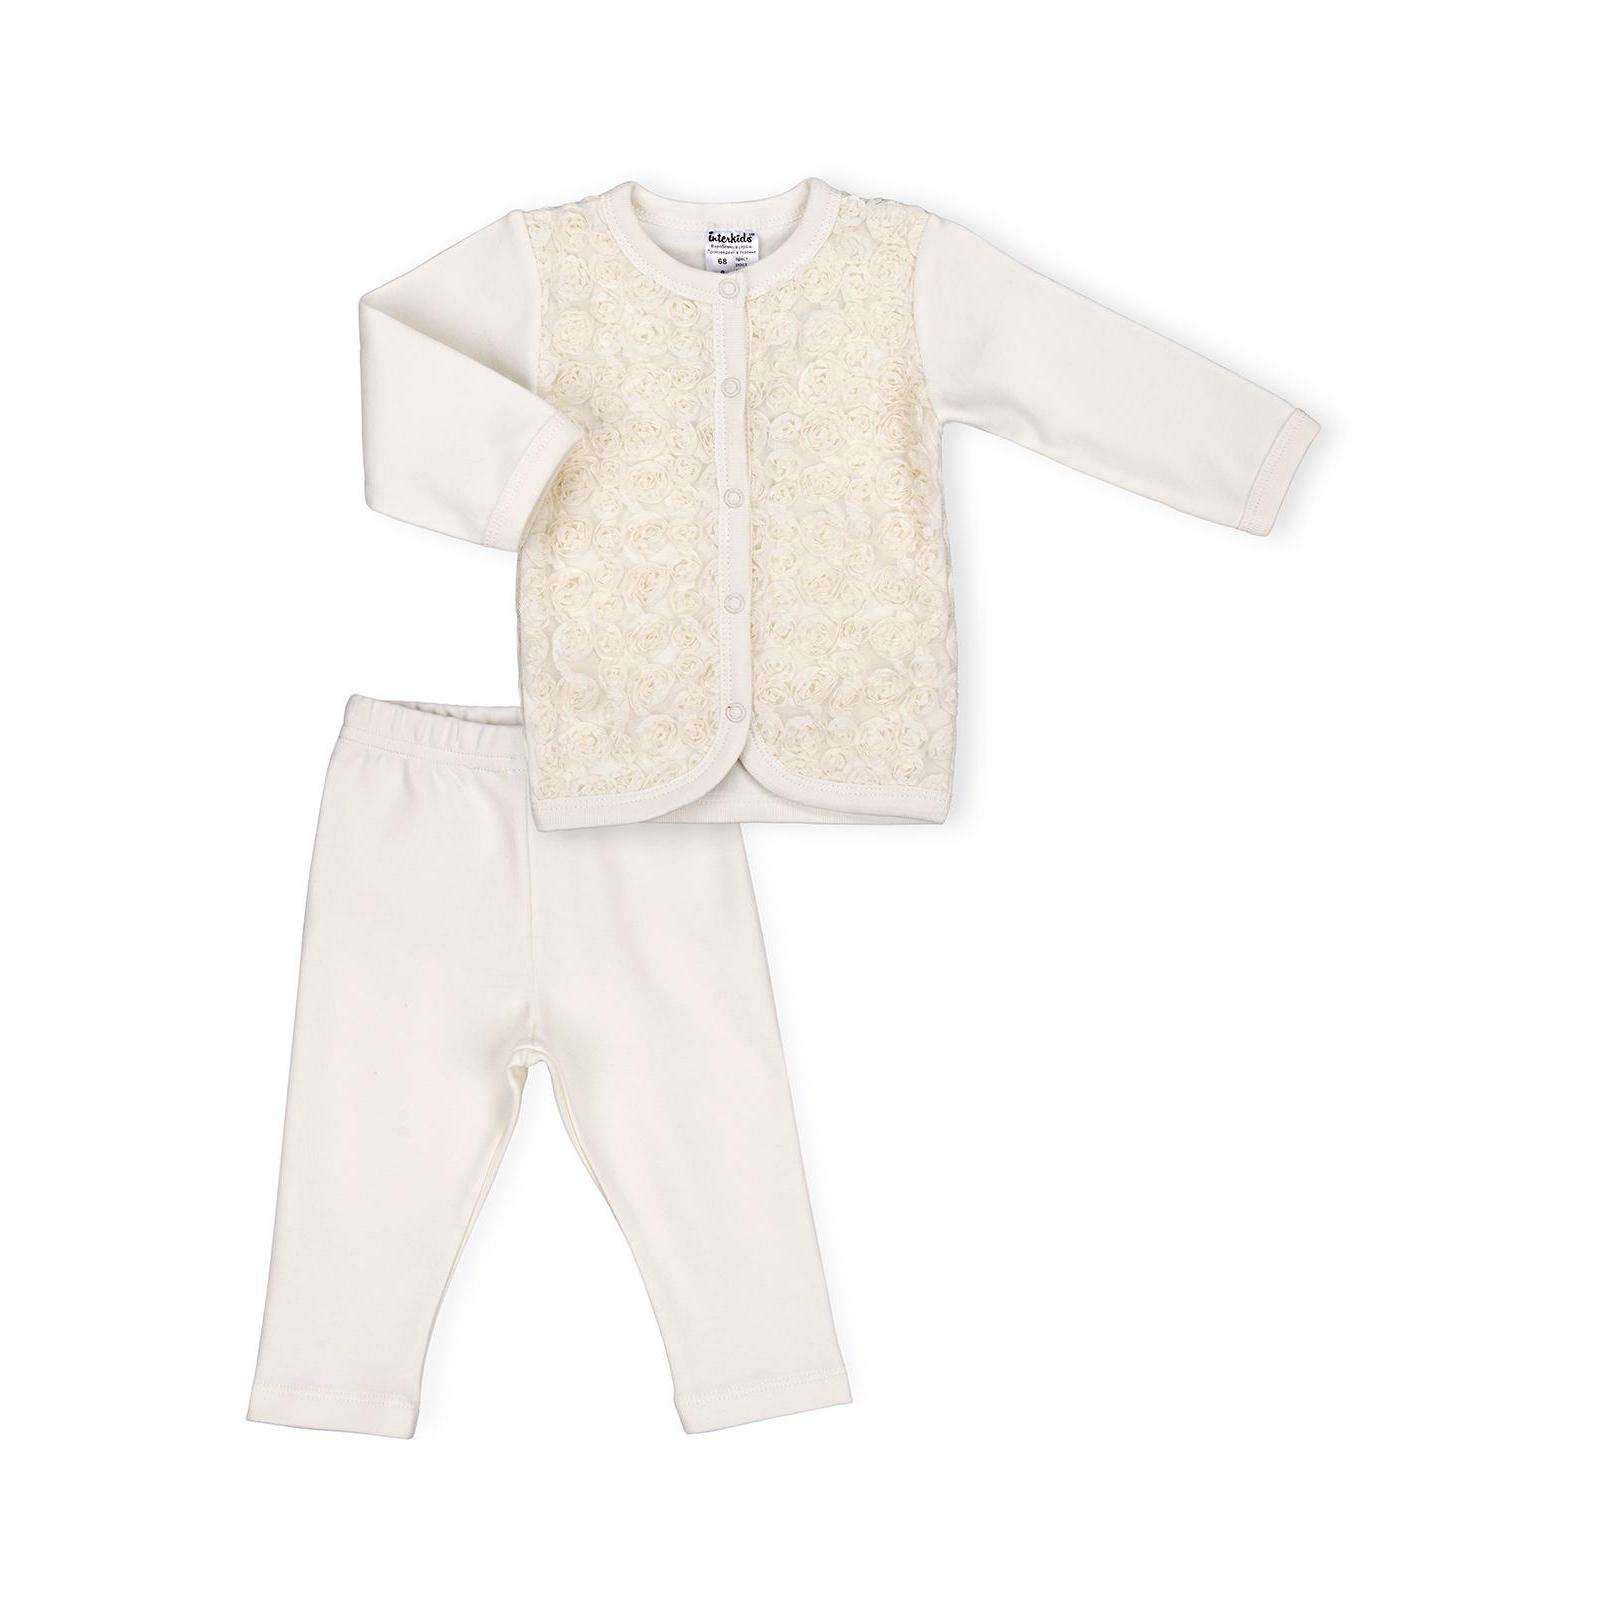 Набор детской одежды Интеркидс с розочками (2364-74G-beige)